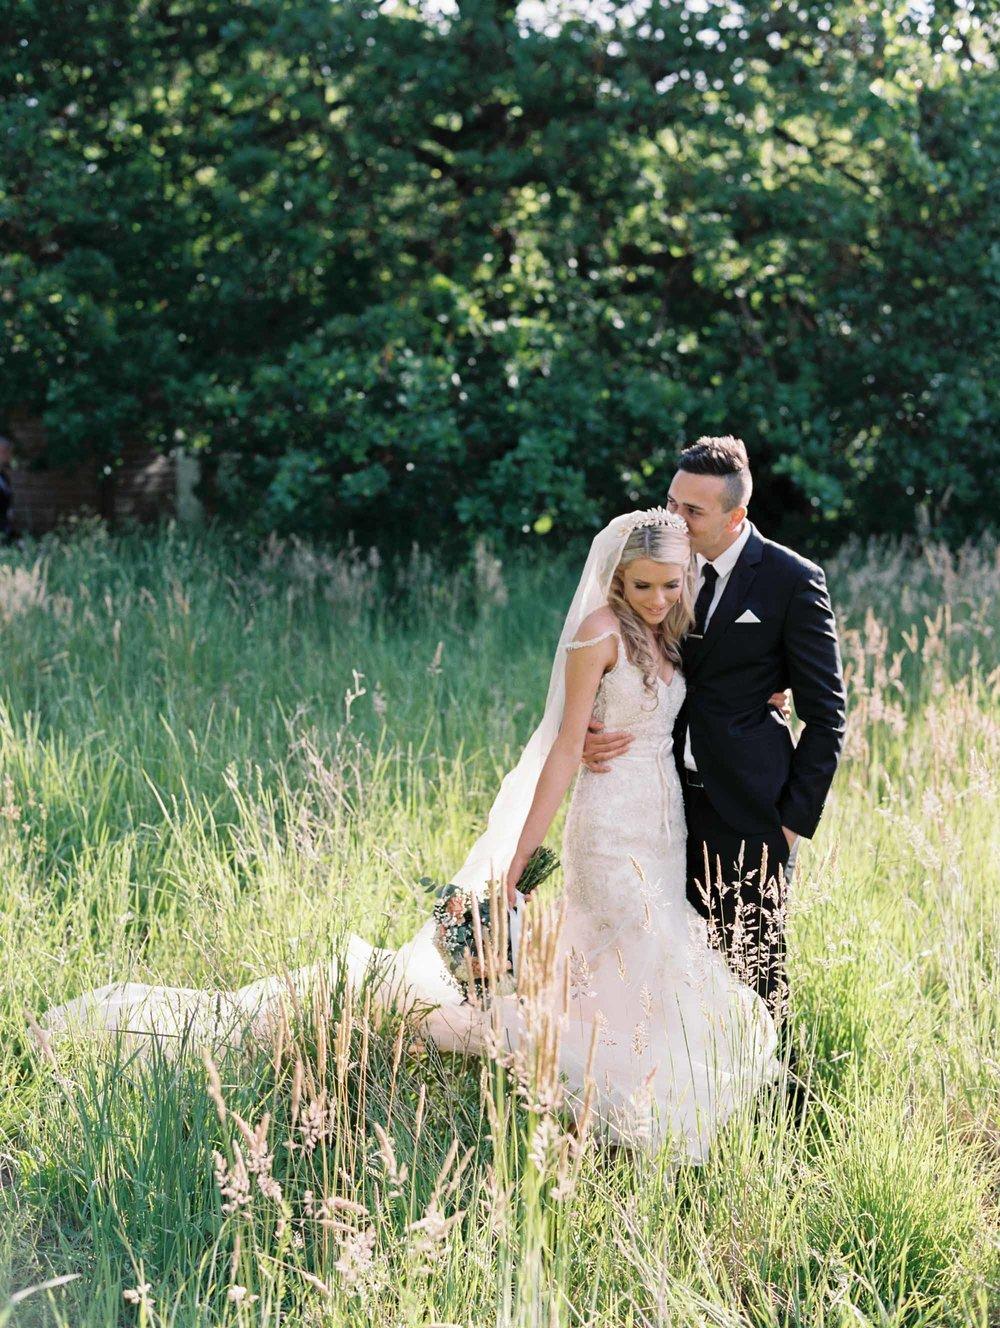 Whitehouse-hahndorf-wedding-photography-073.jpg